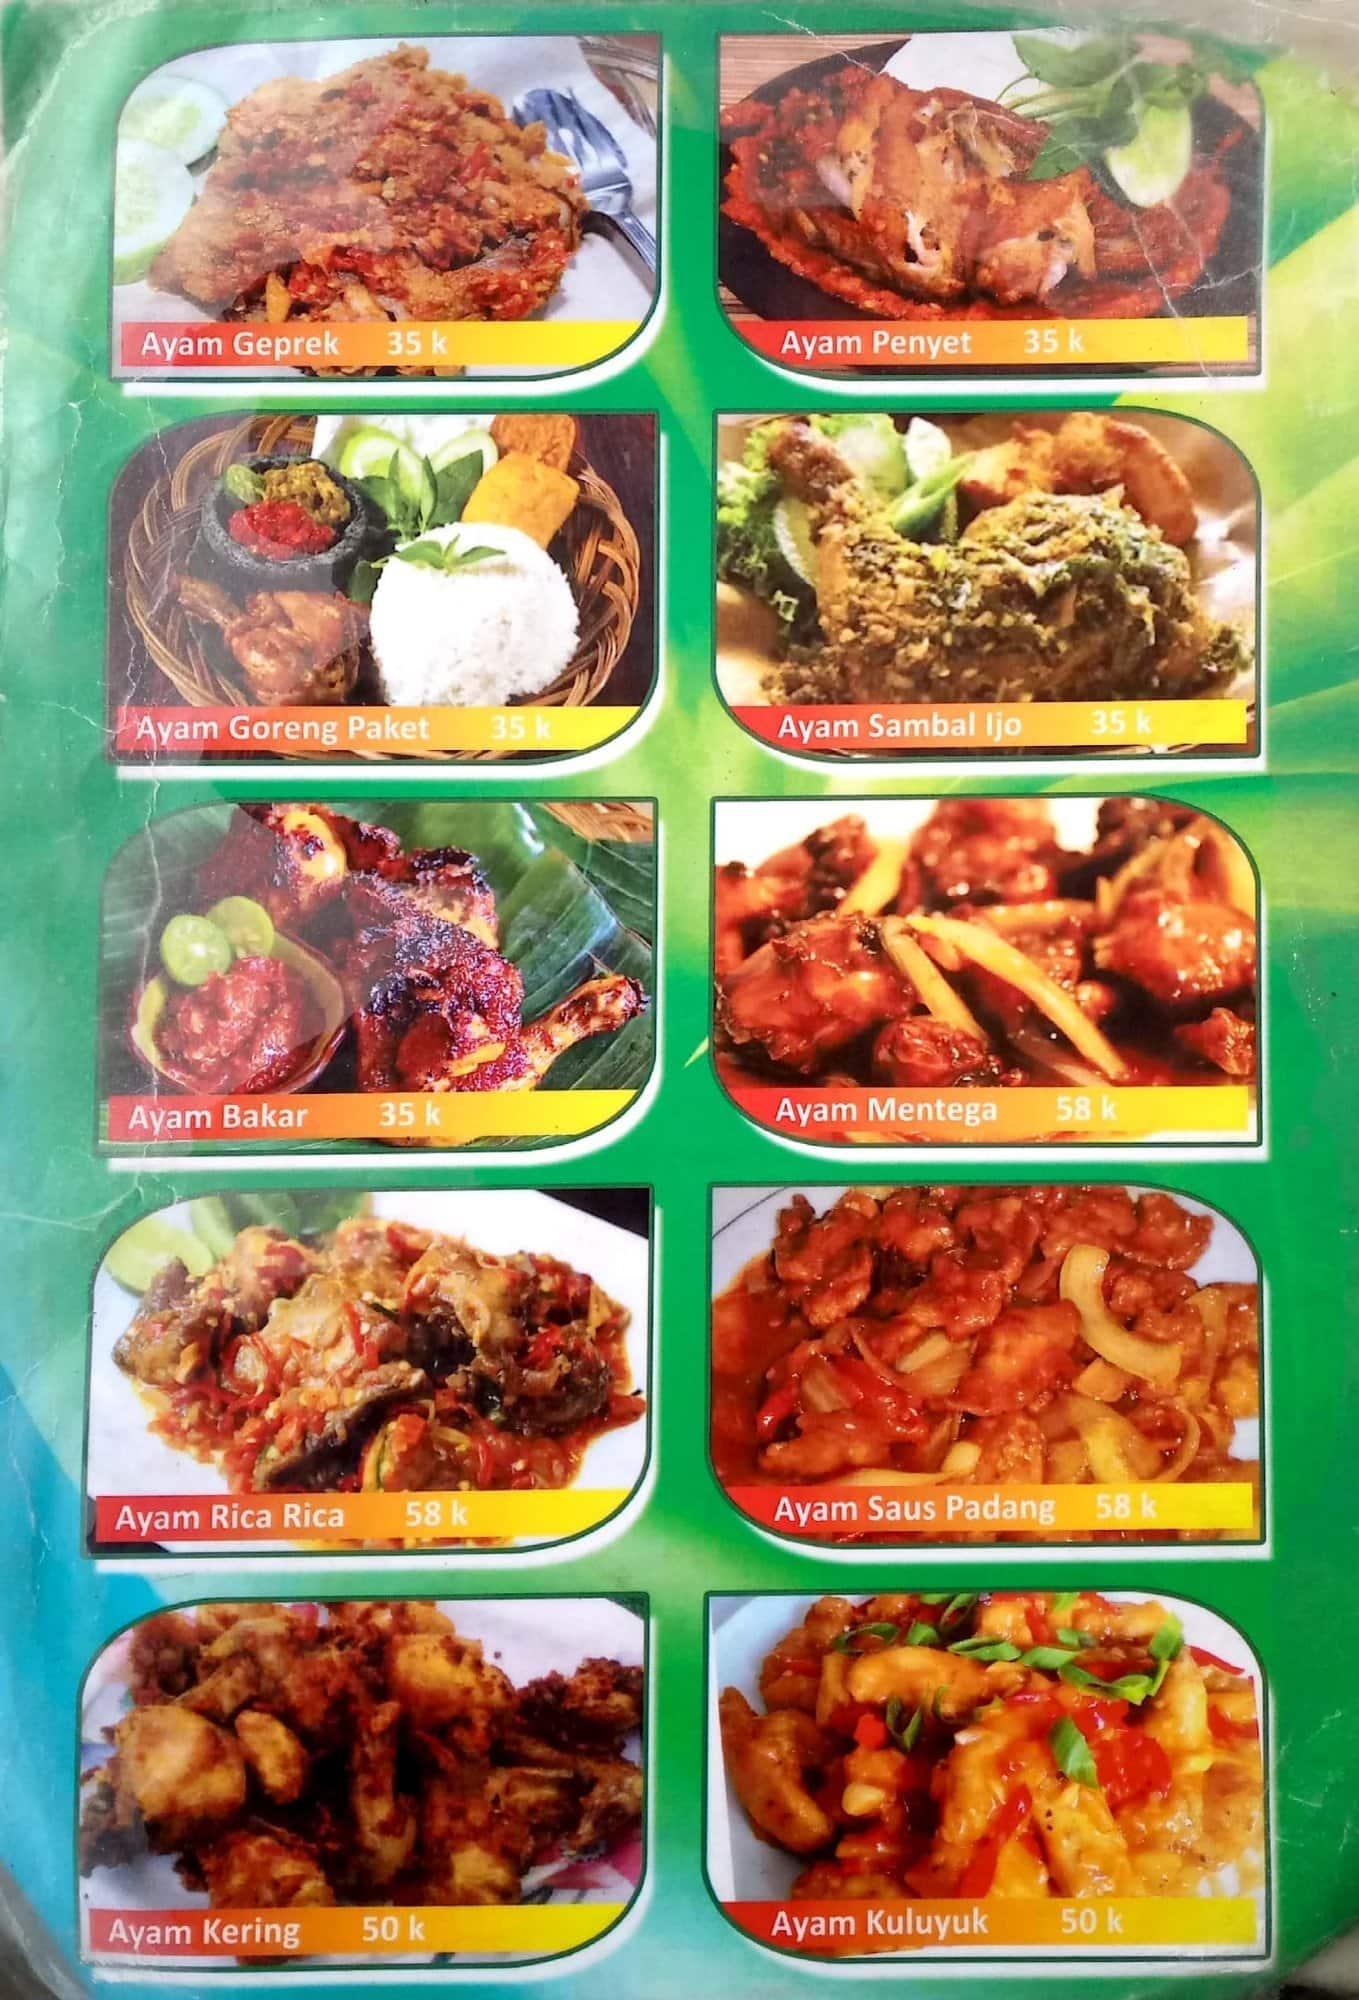 Download Gratis Contoh Banner Mie Ayam Full HD Lengkap ...